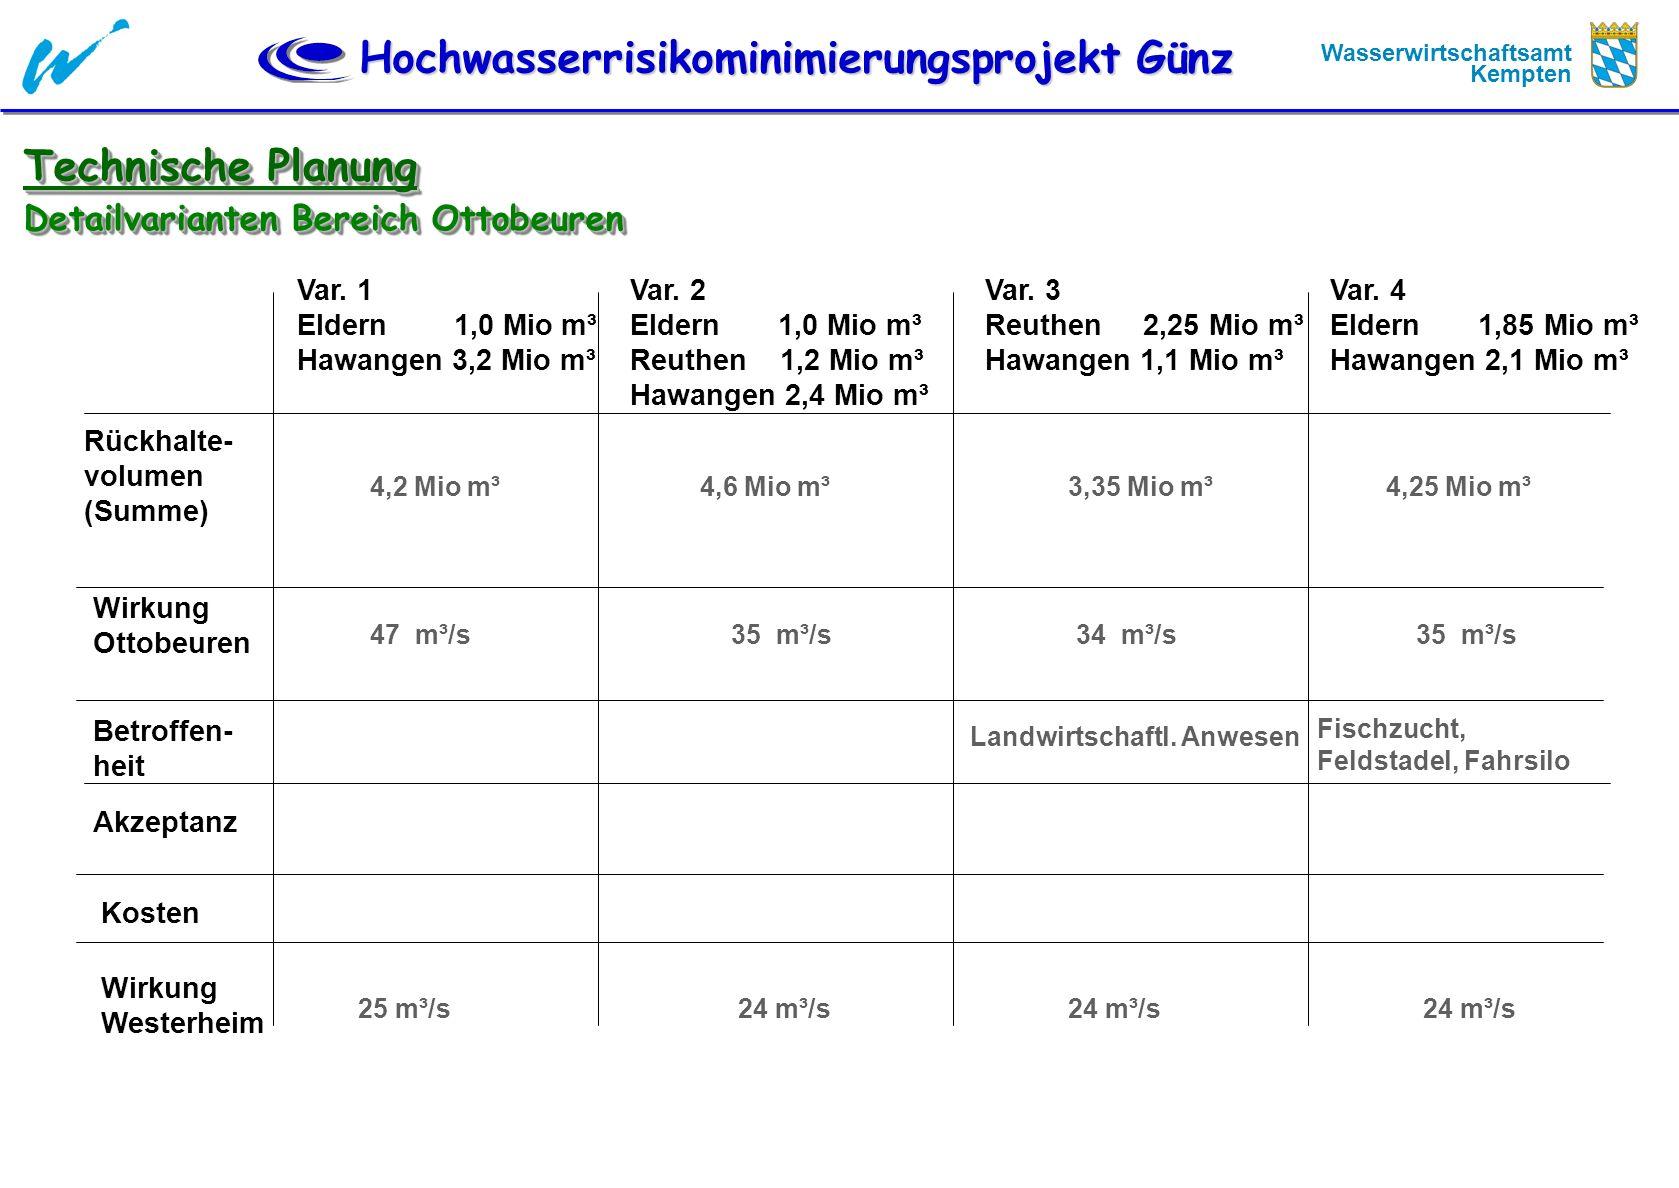 Hochwasserrisikominimierungsprojekt Günz Wasserwirtschaftsamt Kempten Technische Planung Detailvarianten Bereich Ottobeuren Var. 1 Eldern 1,0 Mio m³ H